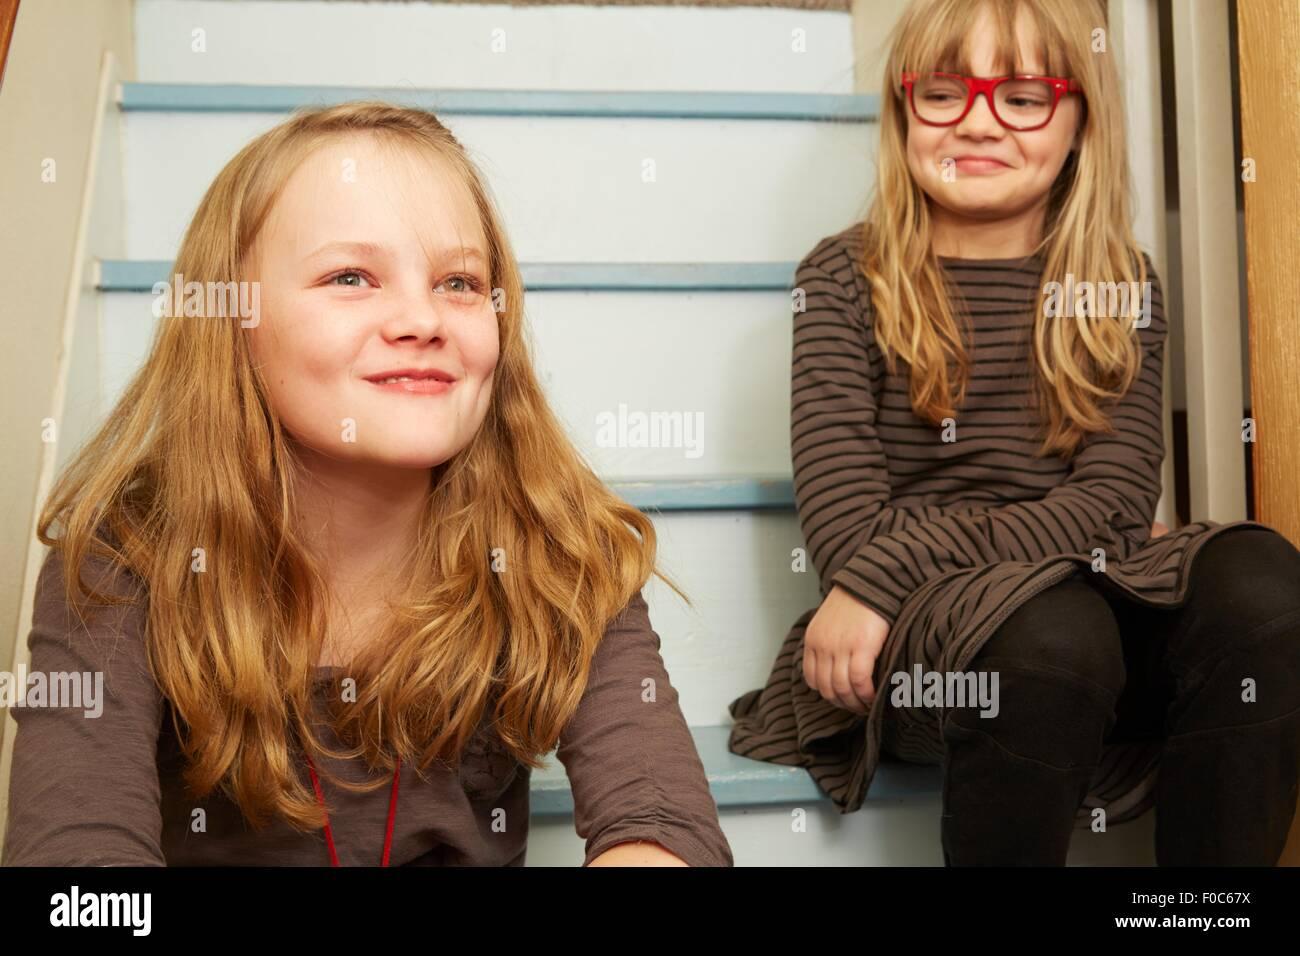 Dos hermanas sentado en las escaleras, sonriendo Imagen De Stock